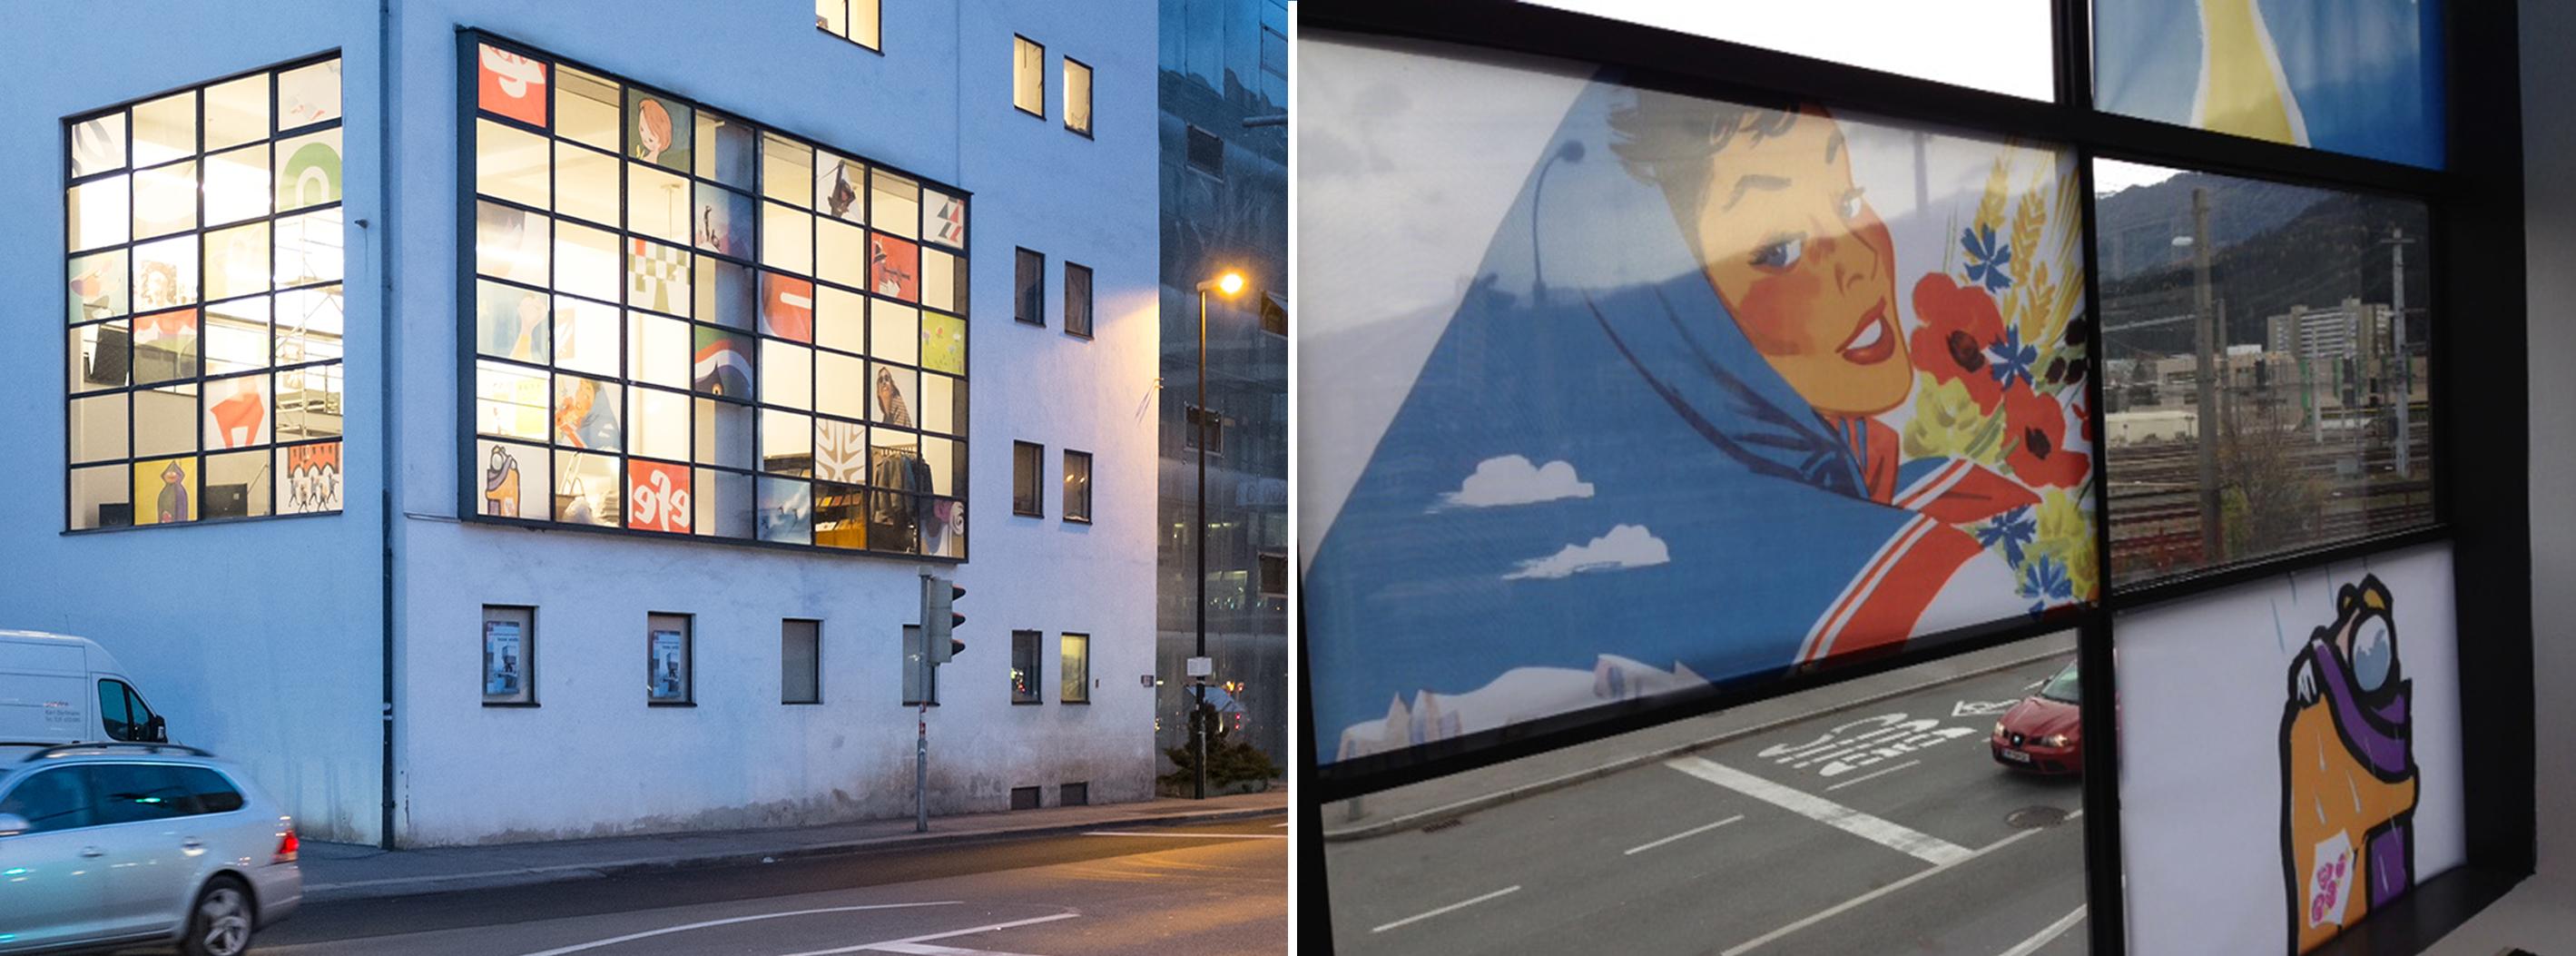 Textile Netzdrucke aus Fensterdekoration/Ausstellung in den Maßen ca 120x85 cm, unterschiedliche Bildausschnitte